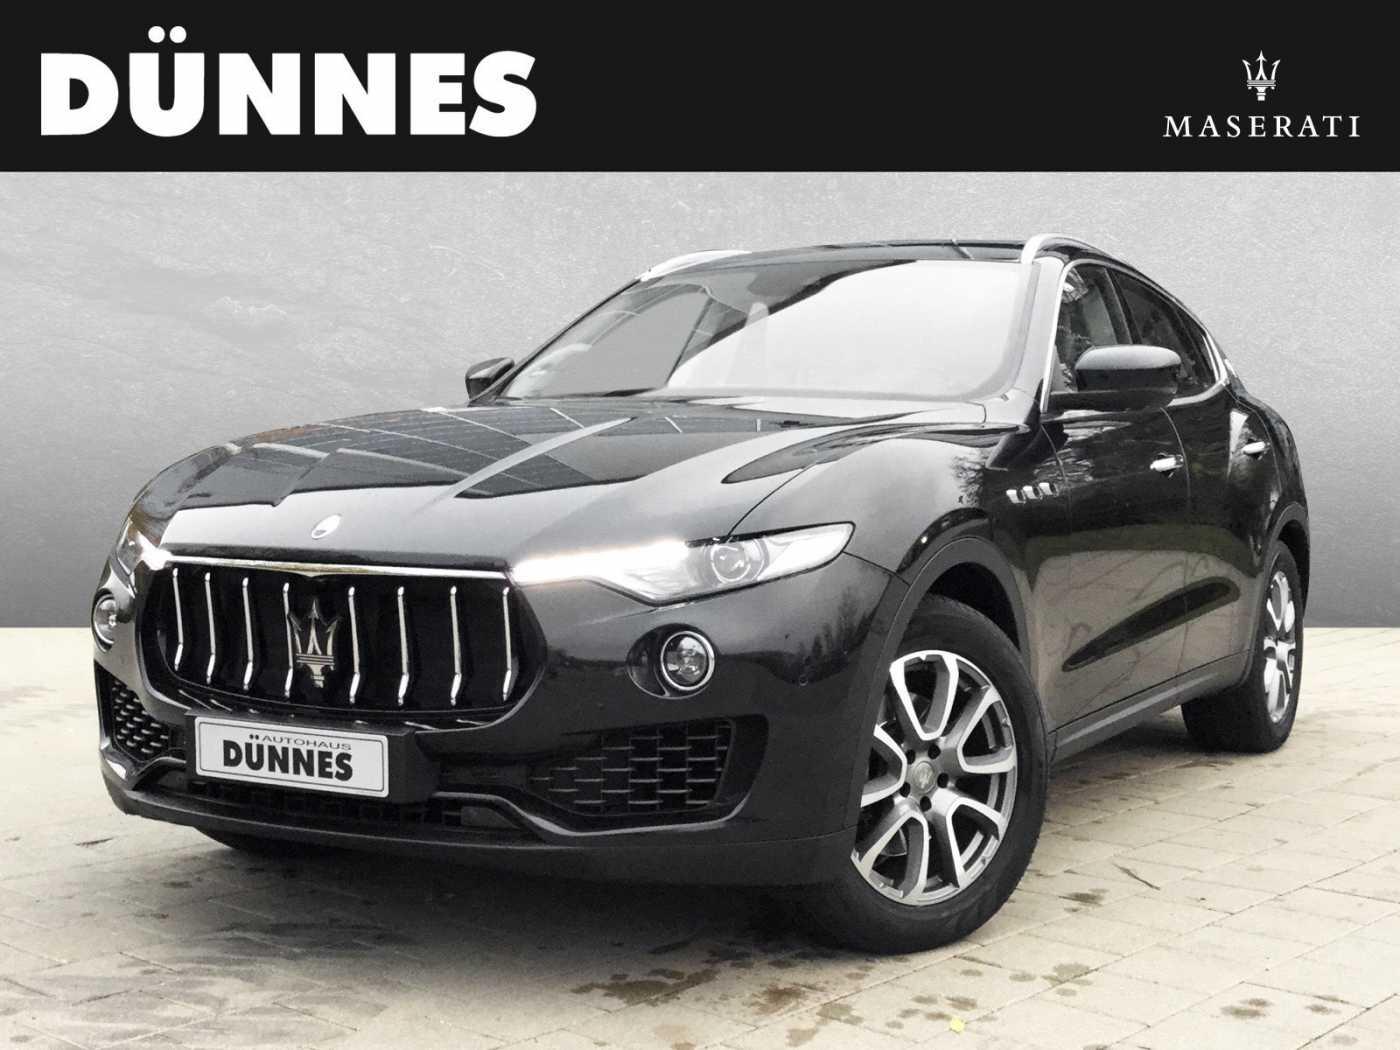 Maserati Levante Diesel - Fahrassistenz, Business, Zugangs Paket - Maserati Regensburg, Jahr 2016, Diesel